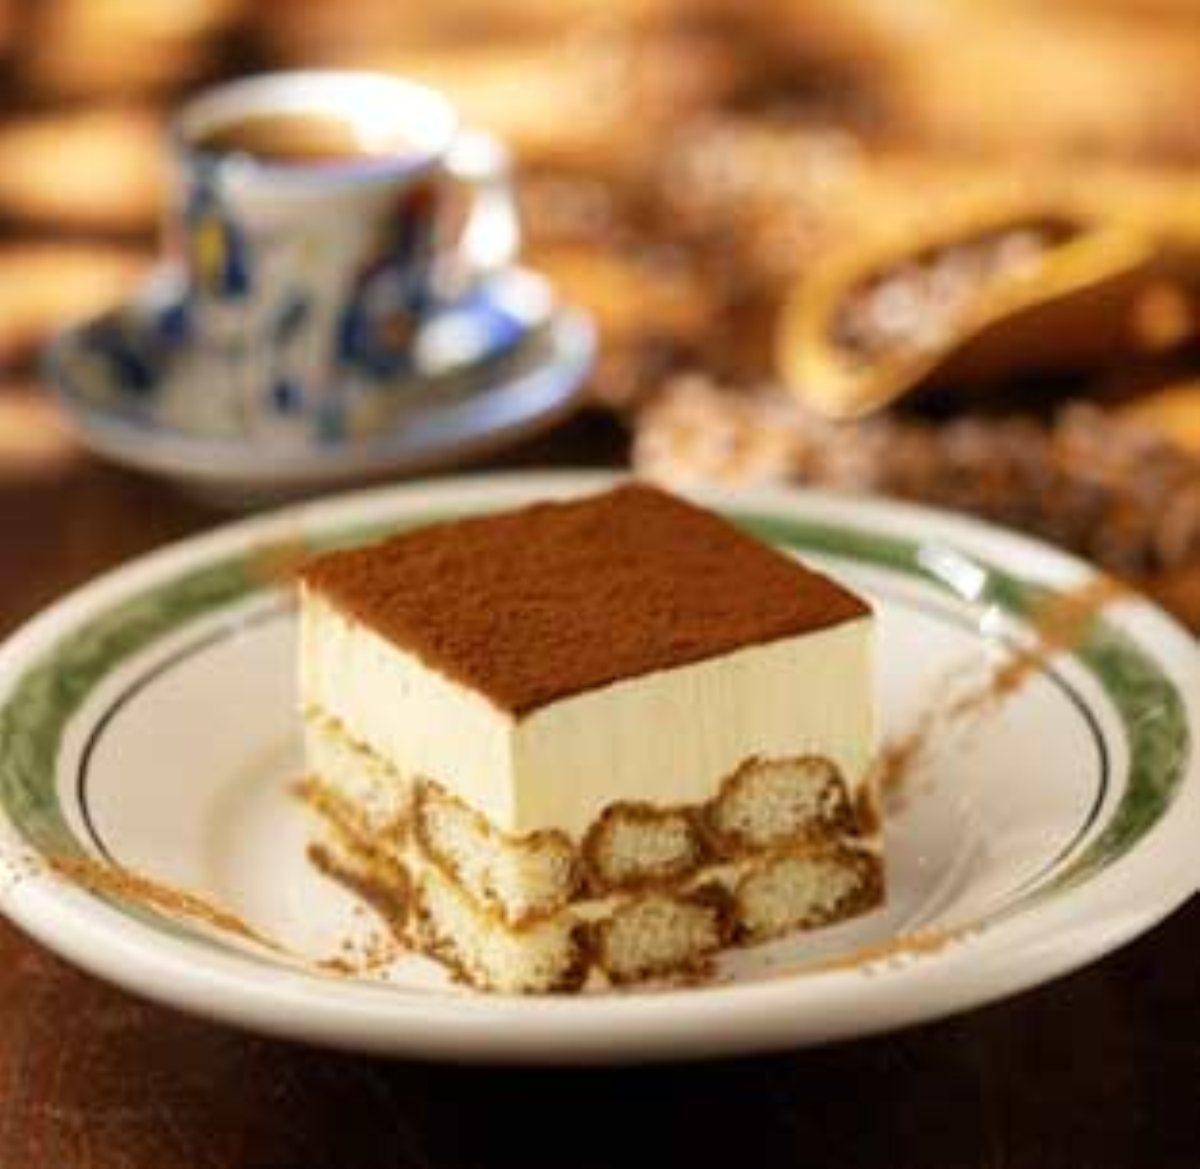 simple dessert recipes Quick and Simple Dessert Recipes | i crave ...